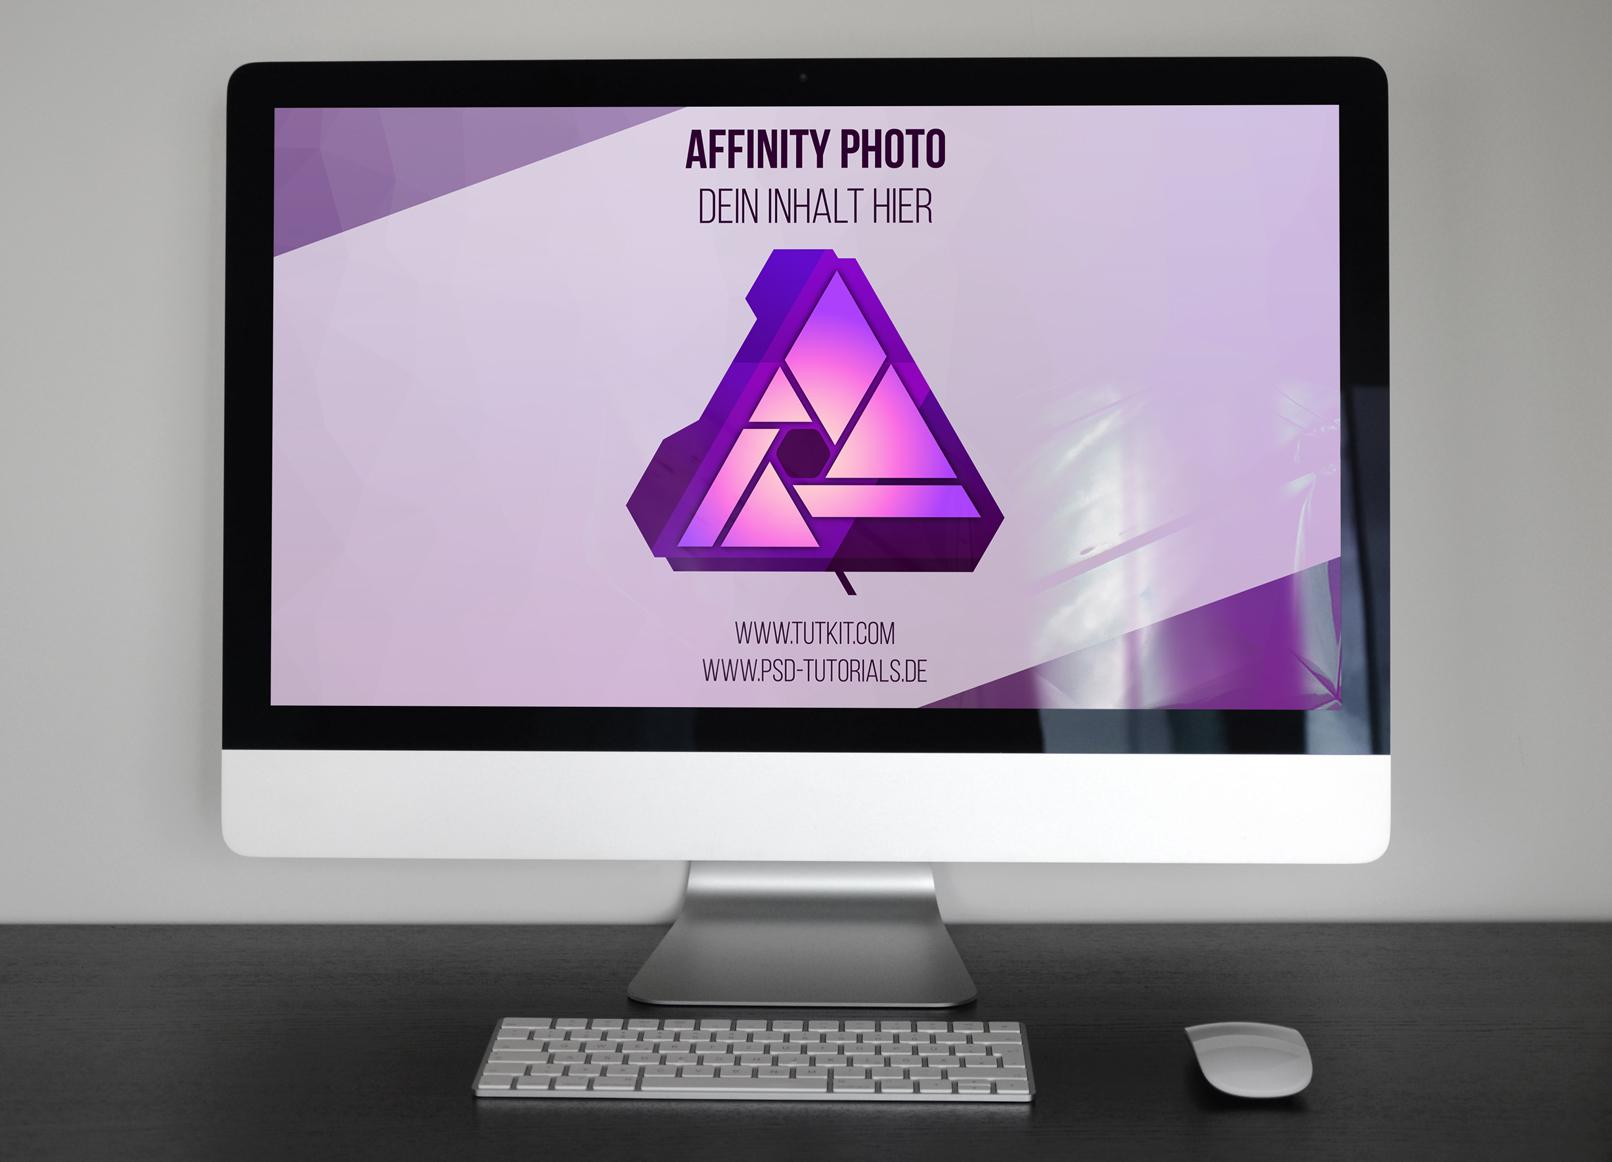 Mockup für Affinity Photo zur Darstellung eines Designs auf einem Rechner